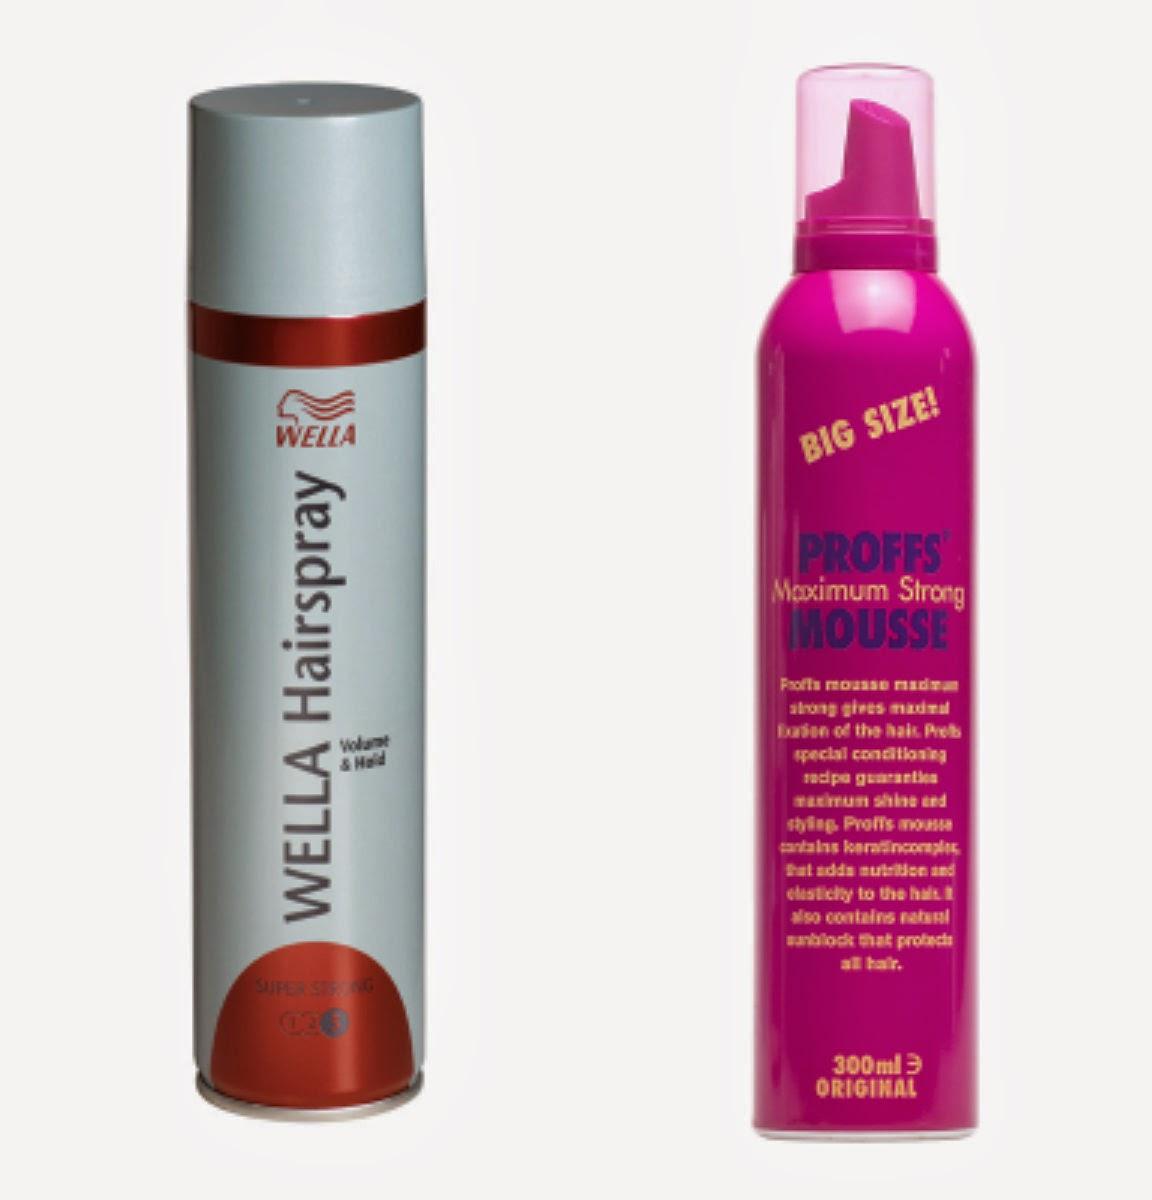 Köpte hår mousse och hår spray i helgen btw. Sprang in på kicks och köpte  något enkelt så det blev wellas hairspray och Proffs mousse. 34d043e4de